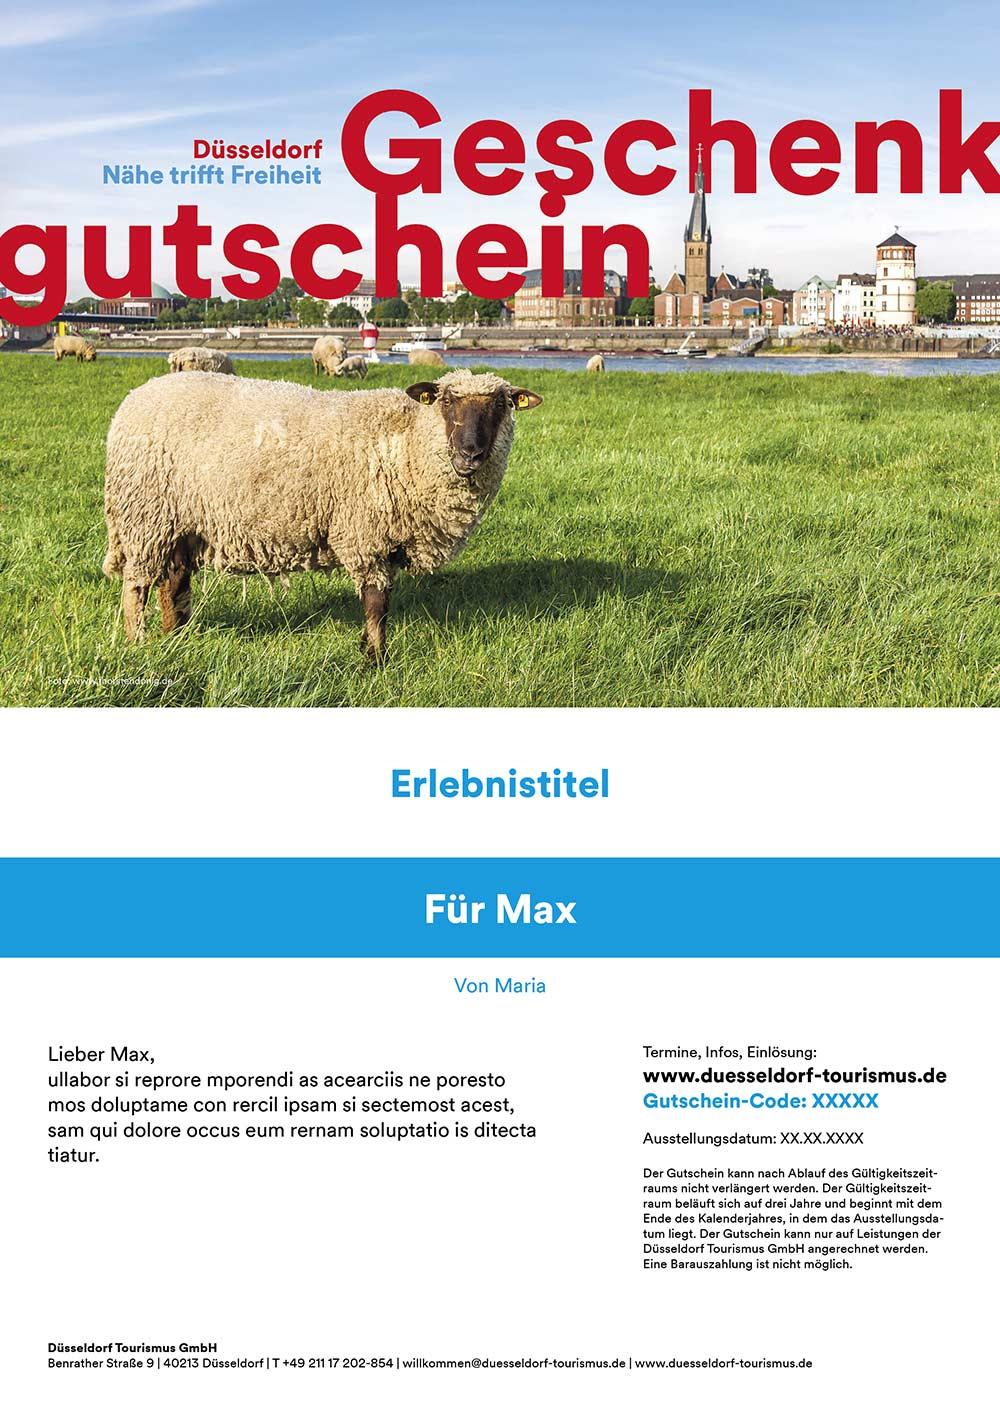 duesseldorf_geschenk-12: Allgemein